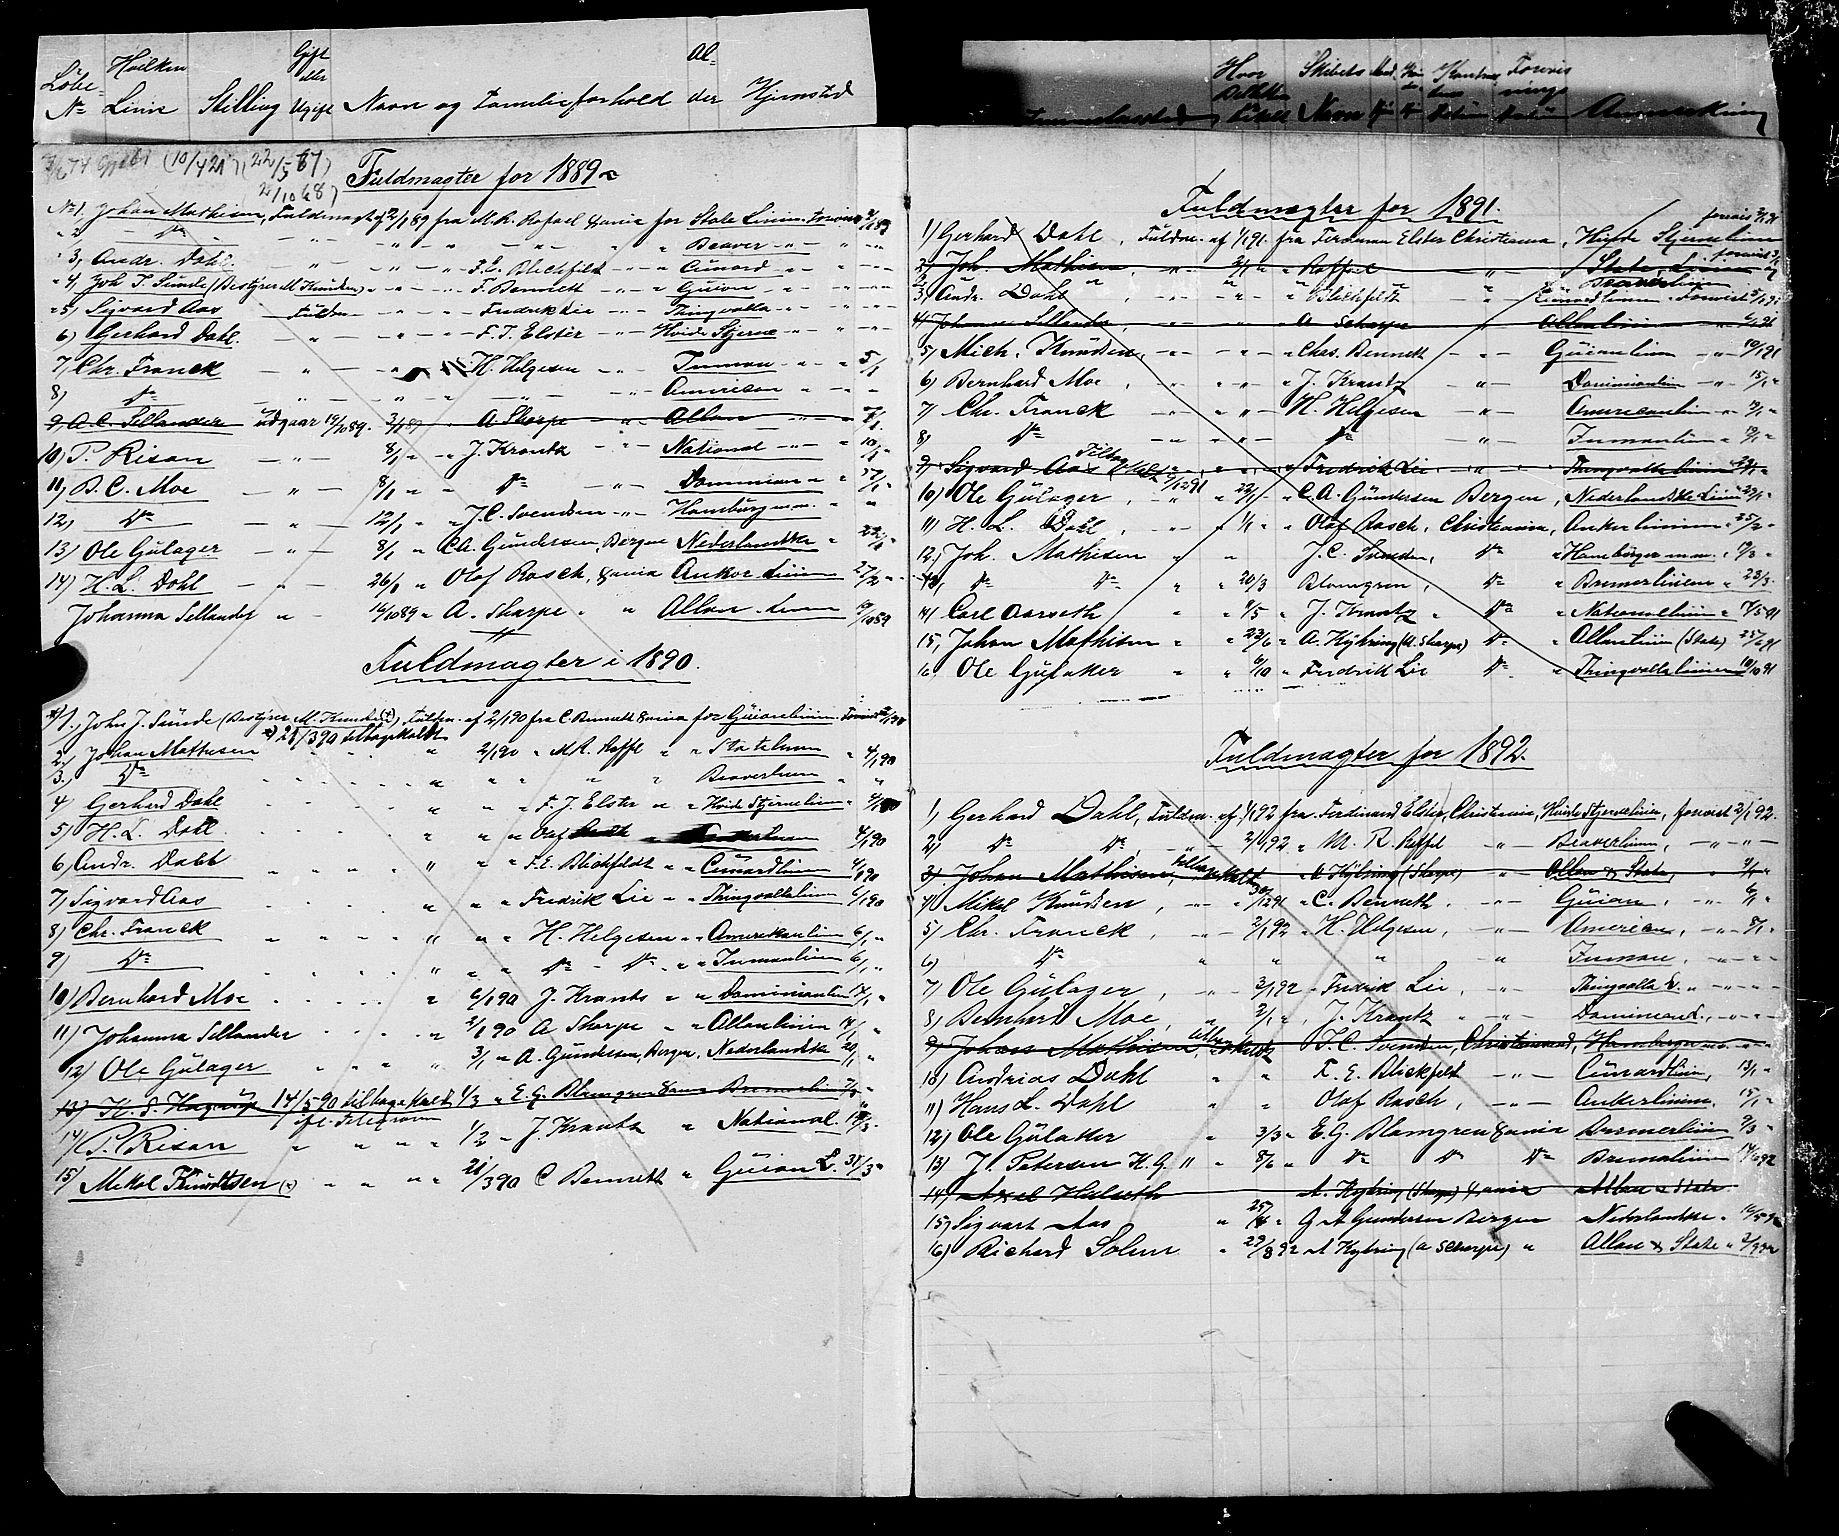 SAT, Trondheim politikammer, 32/L0008: Emigrantprotokoll VIII 22.03-14.03, 1888-1892